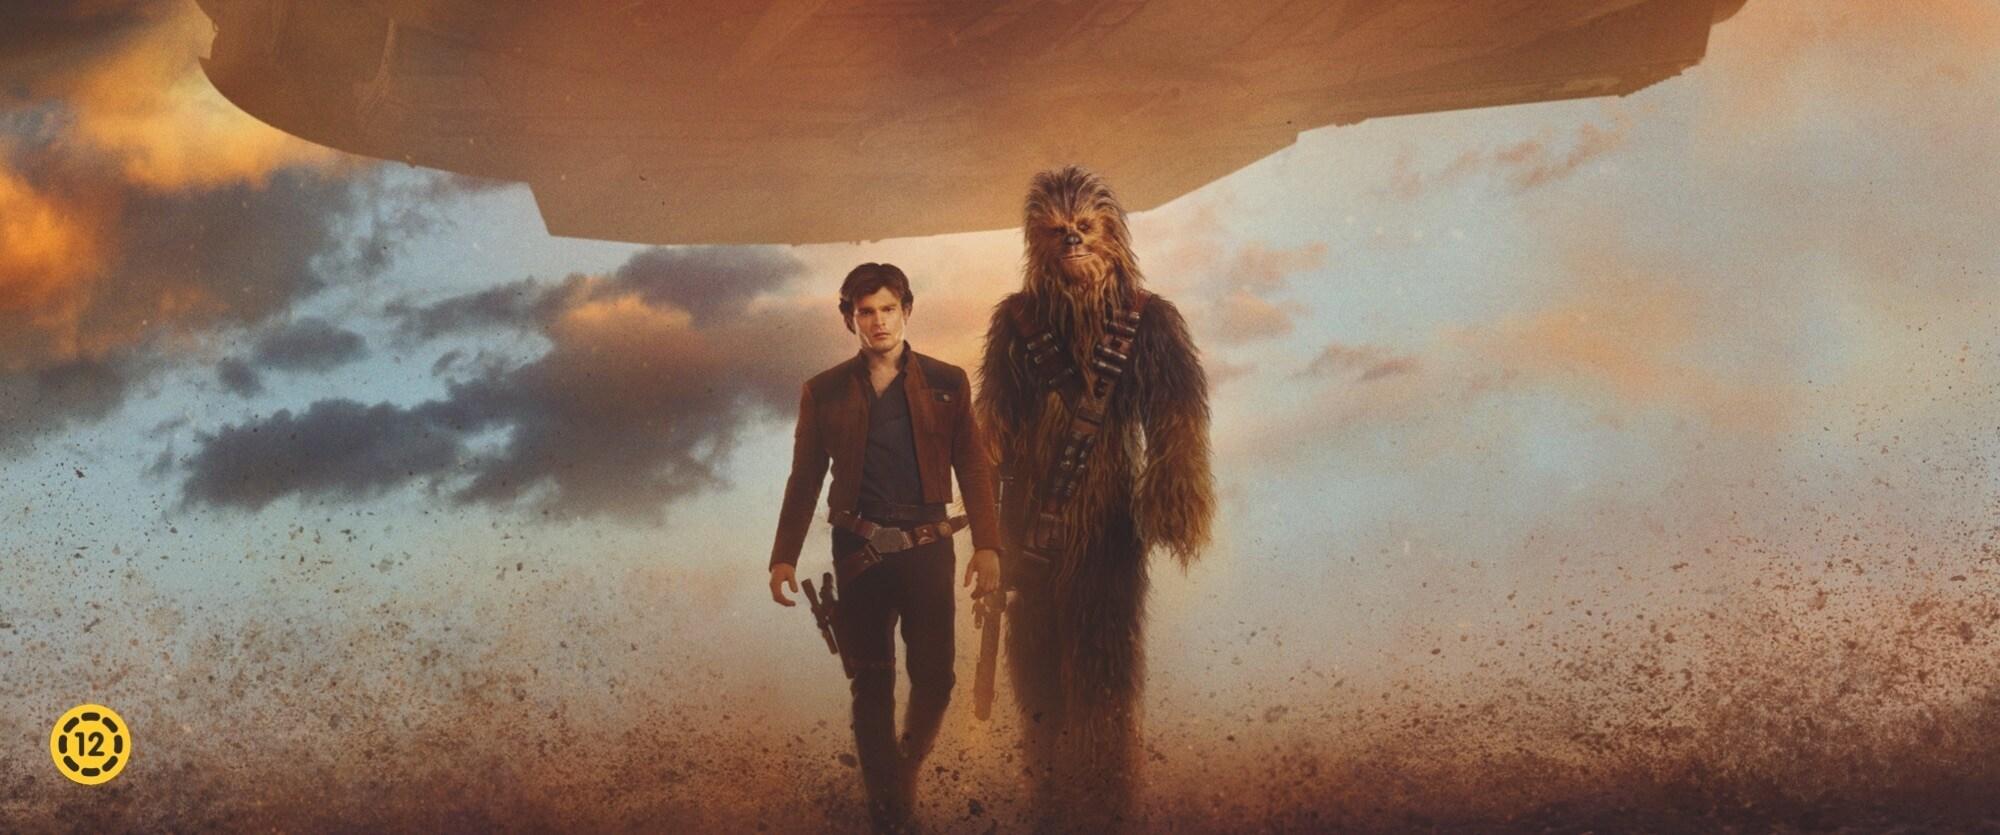 Solo: Egy Star Wars-történet | Május 24-től a mozikban